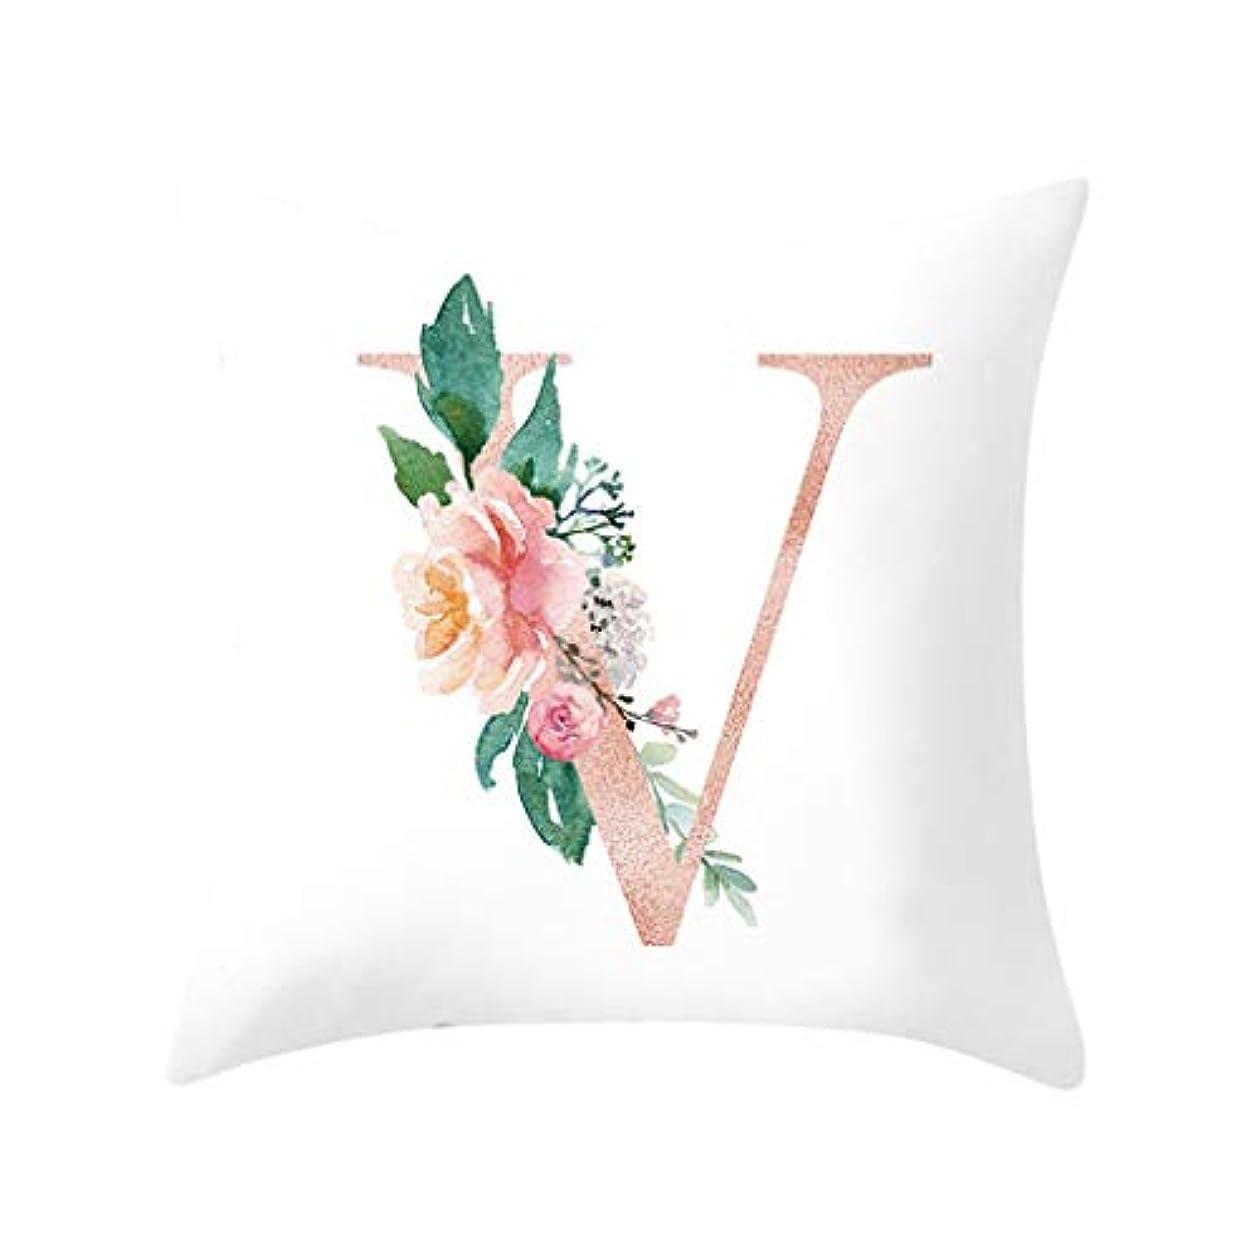 発明減る印をつけるLIFE 装飾クッションソファ手紙枕アルファベットクッション印刷ソファ家の装飾の花枕 coussin decoratif クッション 椅子